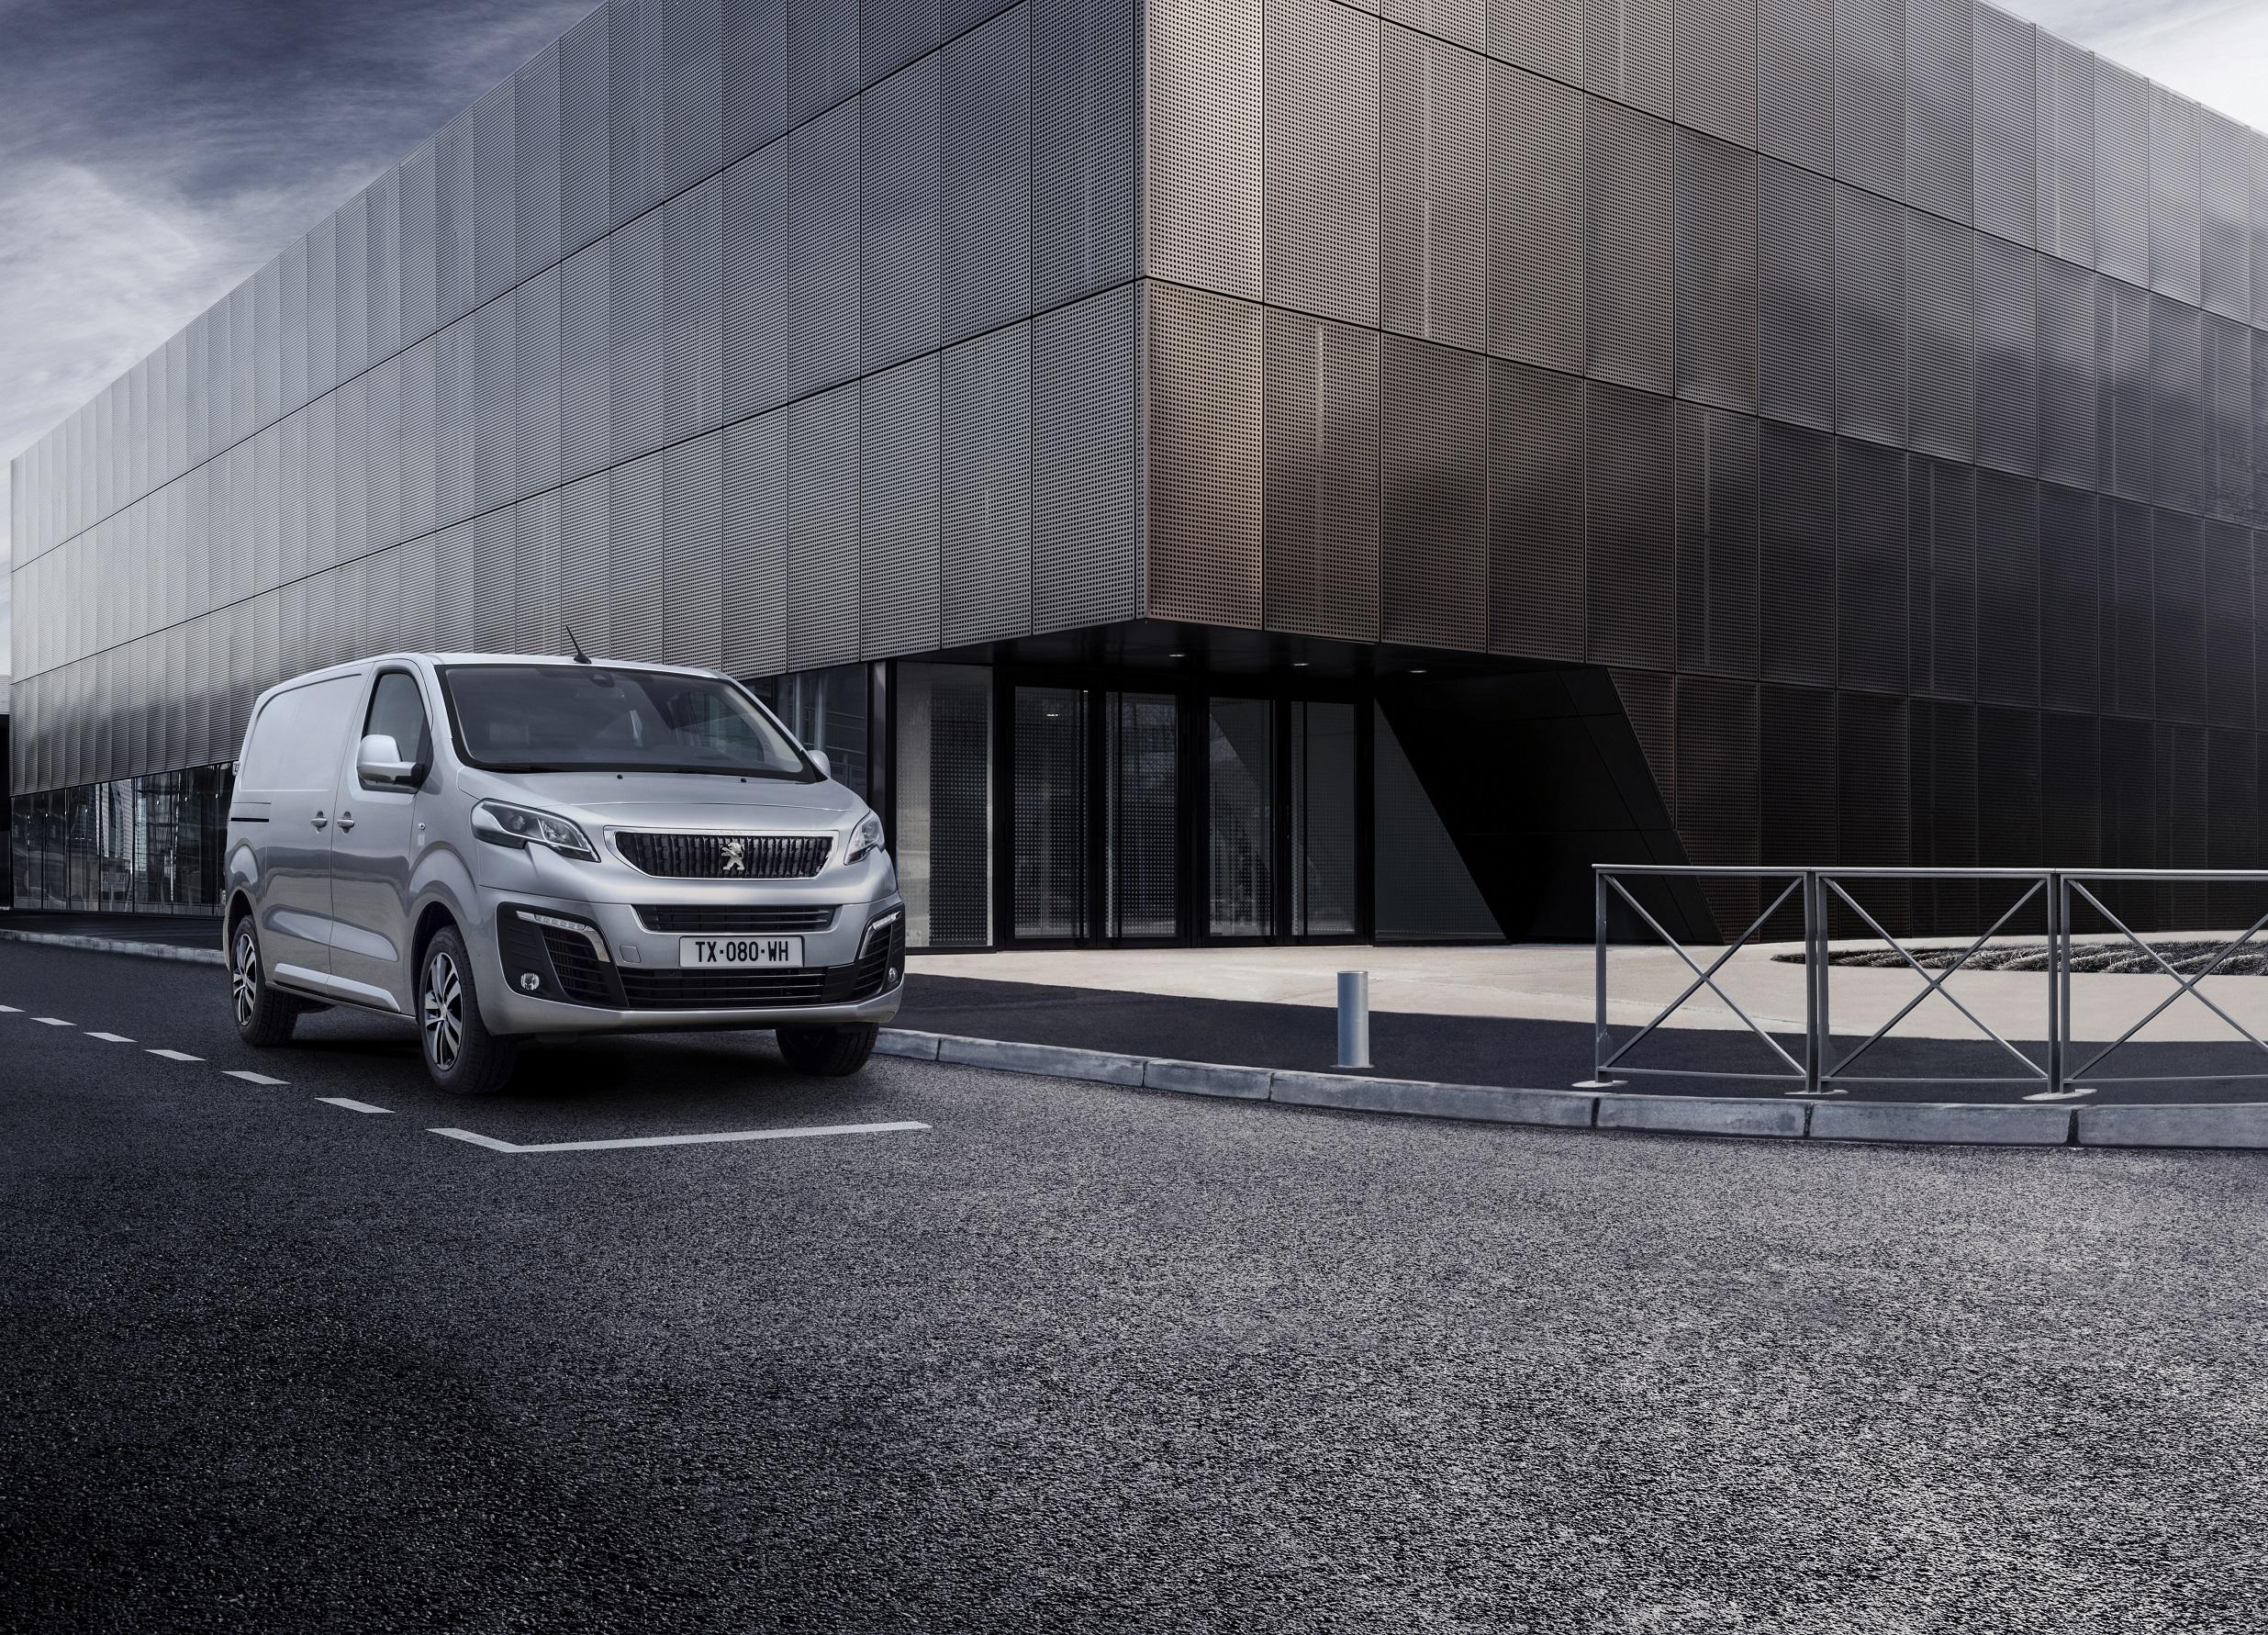 El nuevo Peugeot Expert llega a los concesionarios españoles